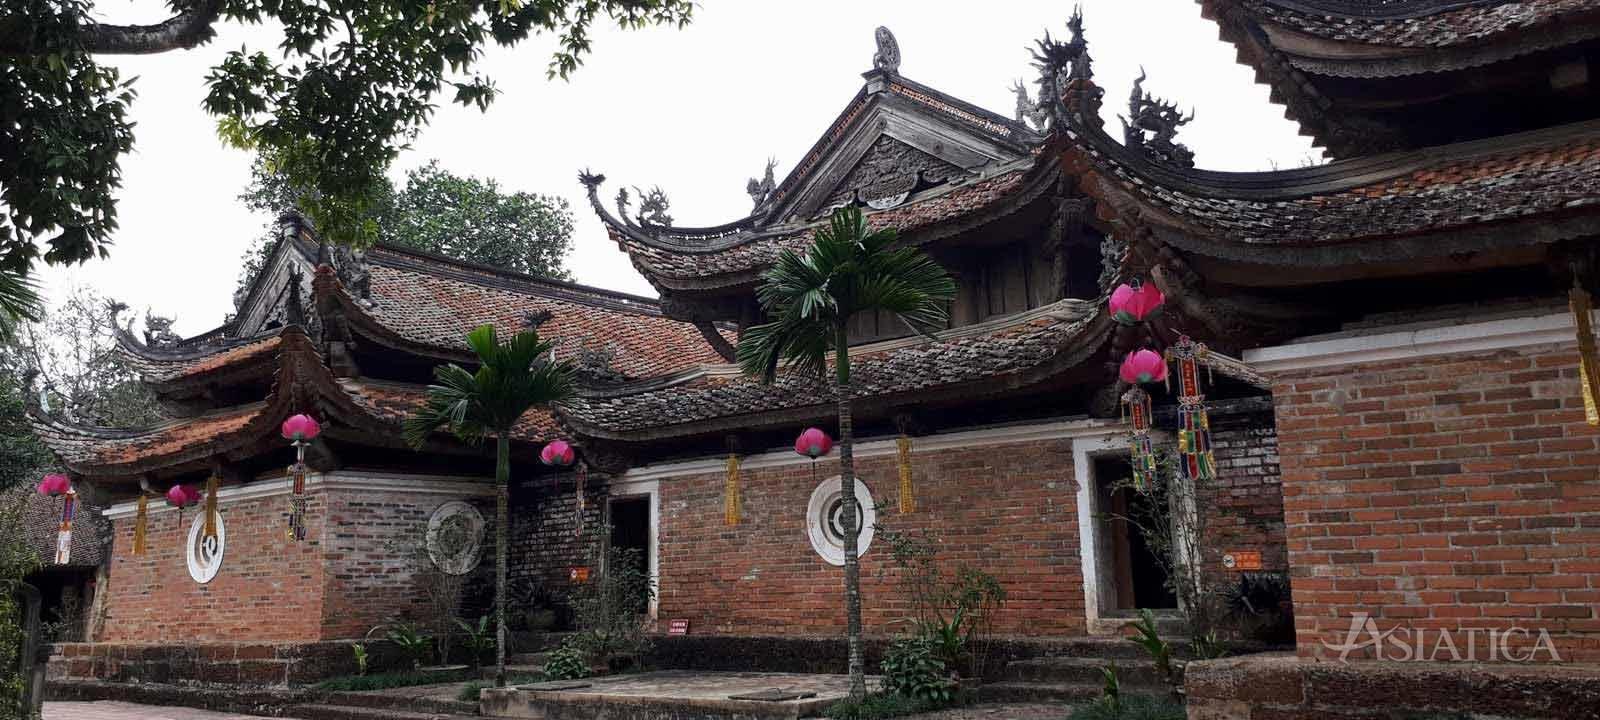 La pagode Tay Phuong